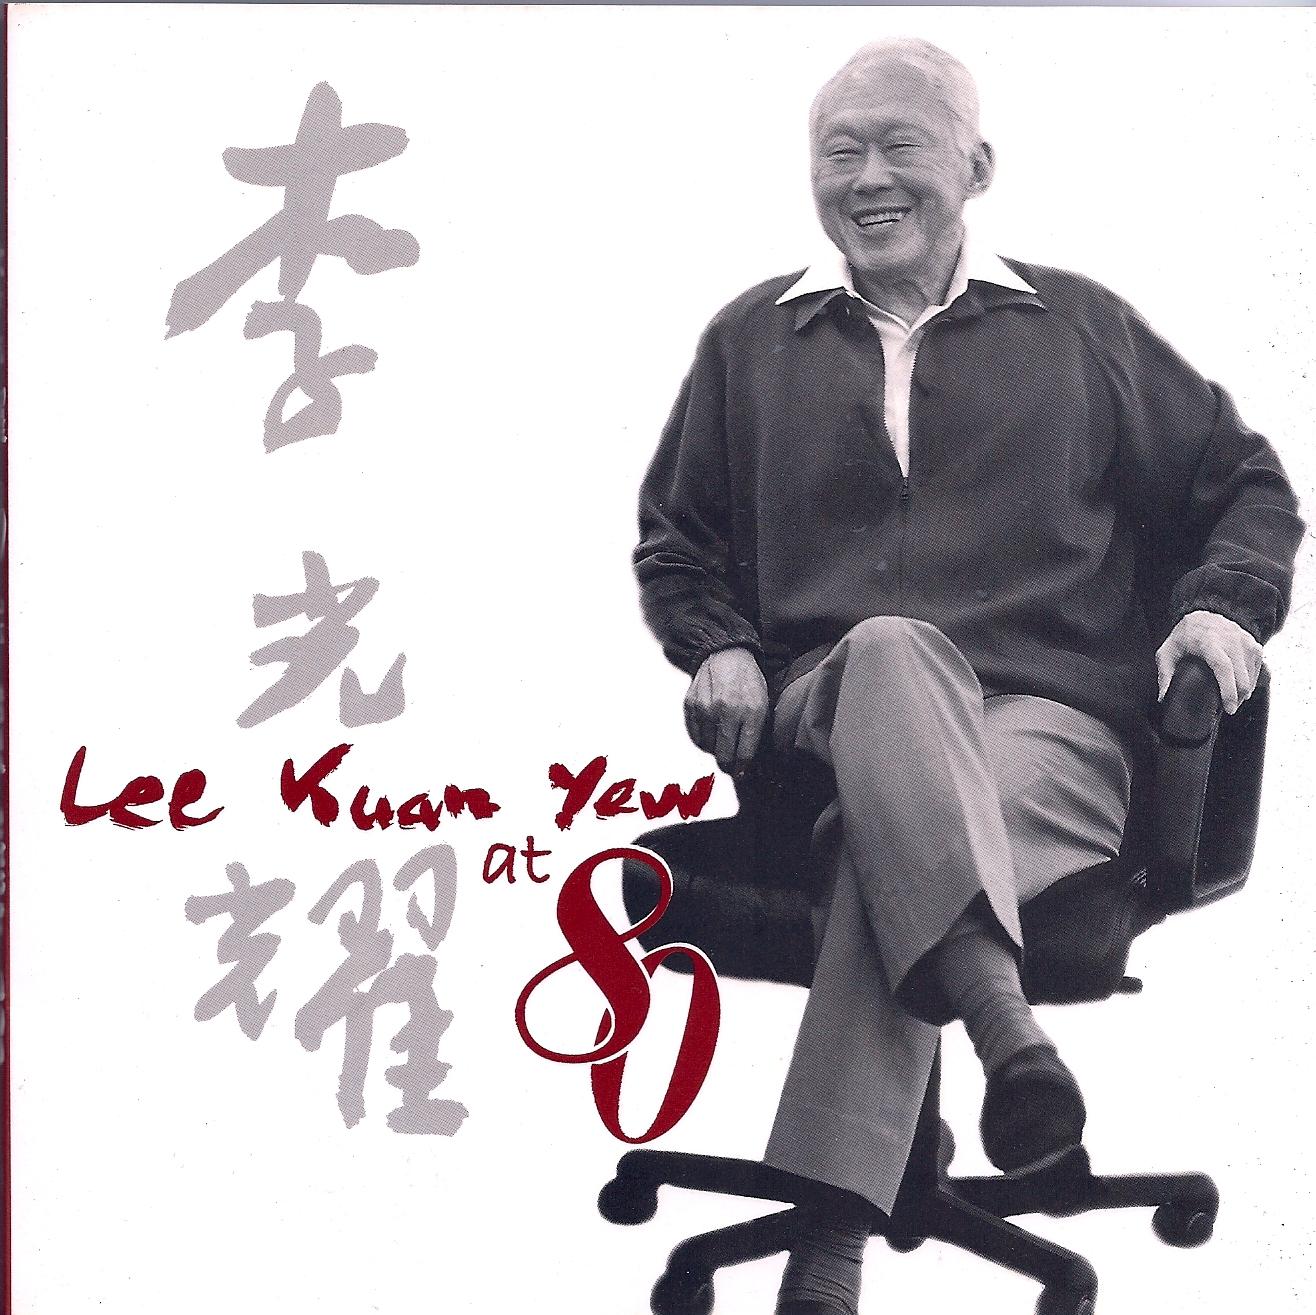 Lee Kuan Yew at 80